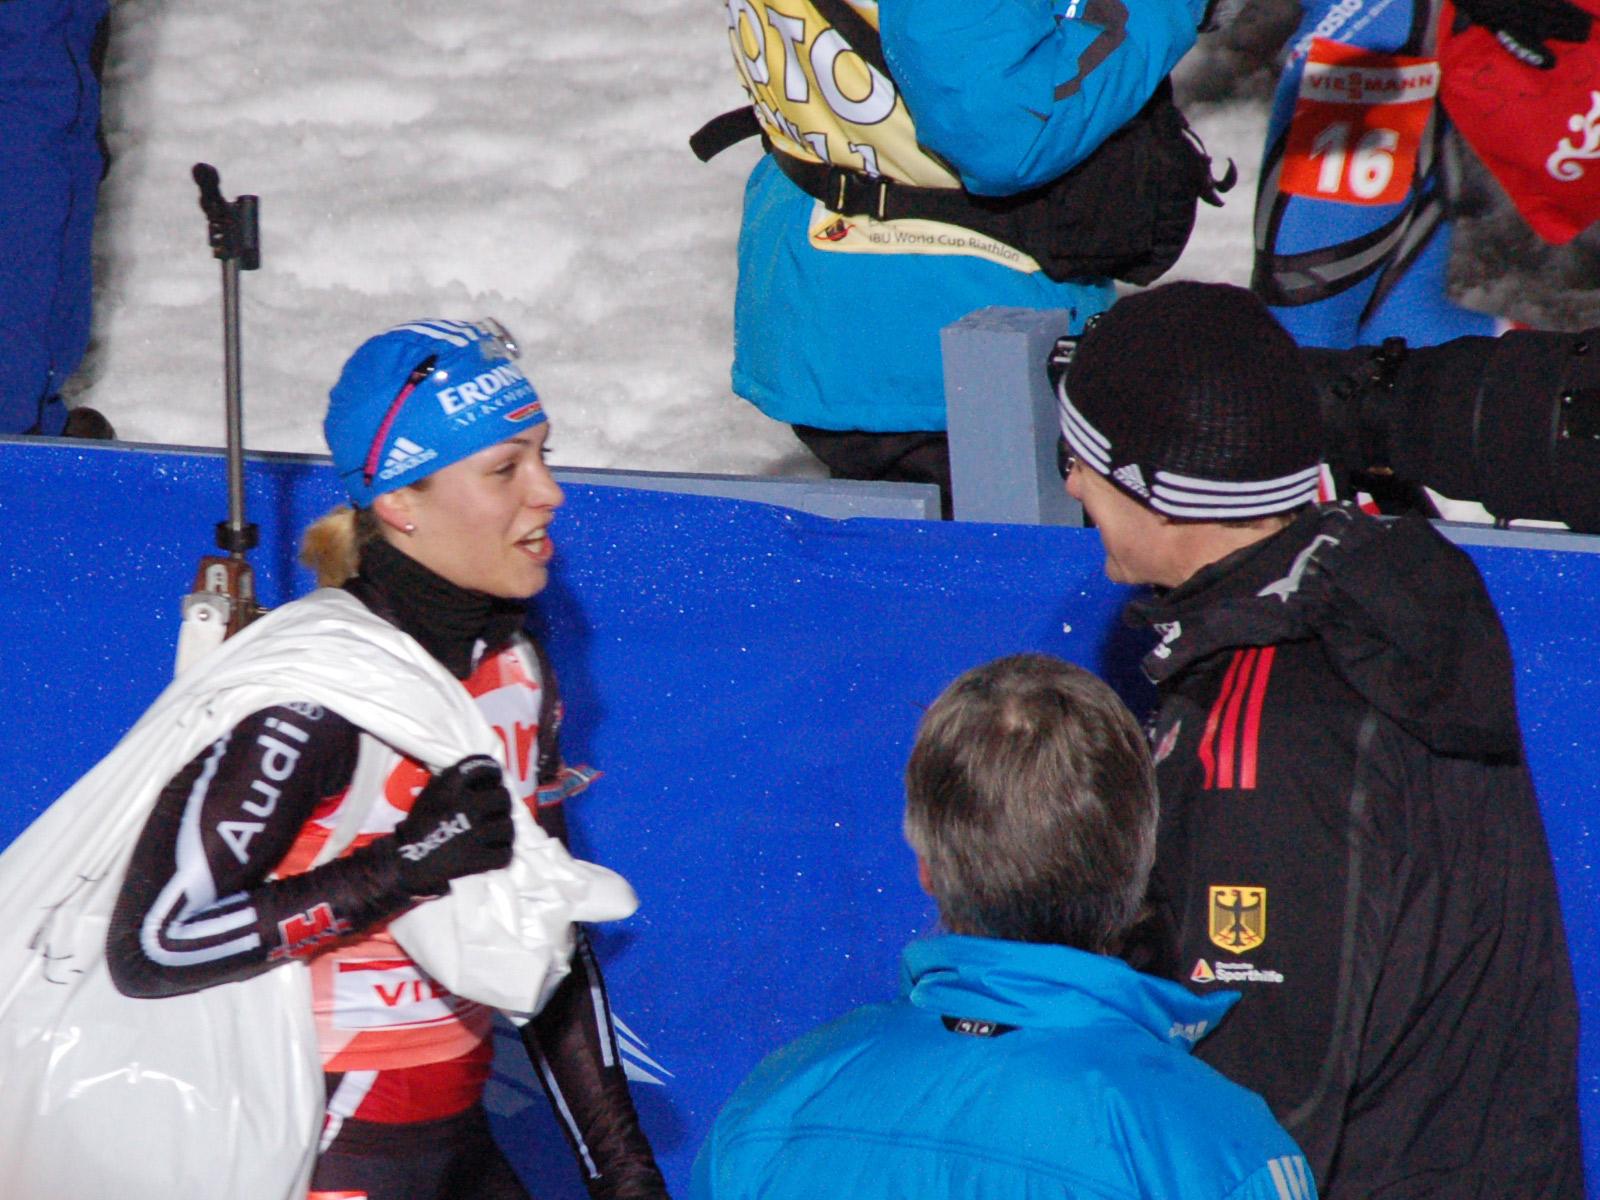 biathlon106